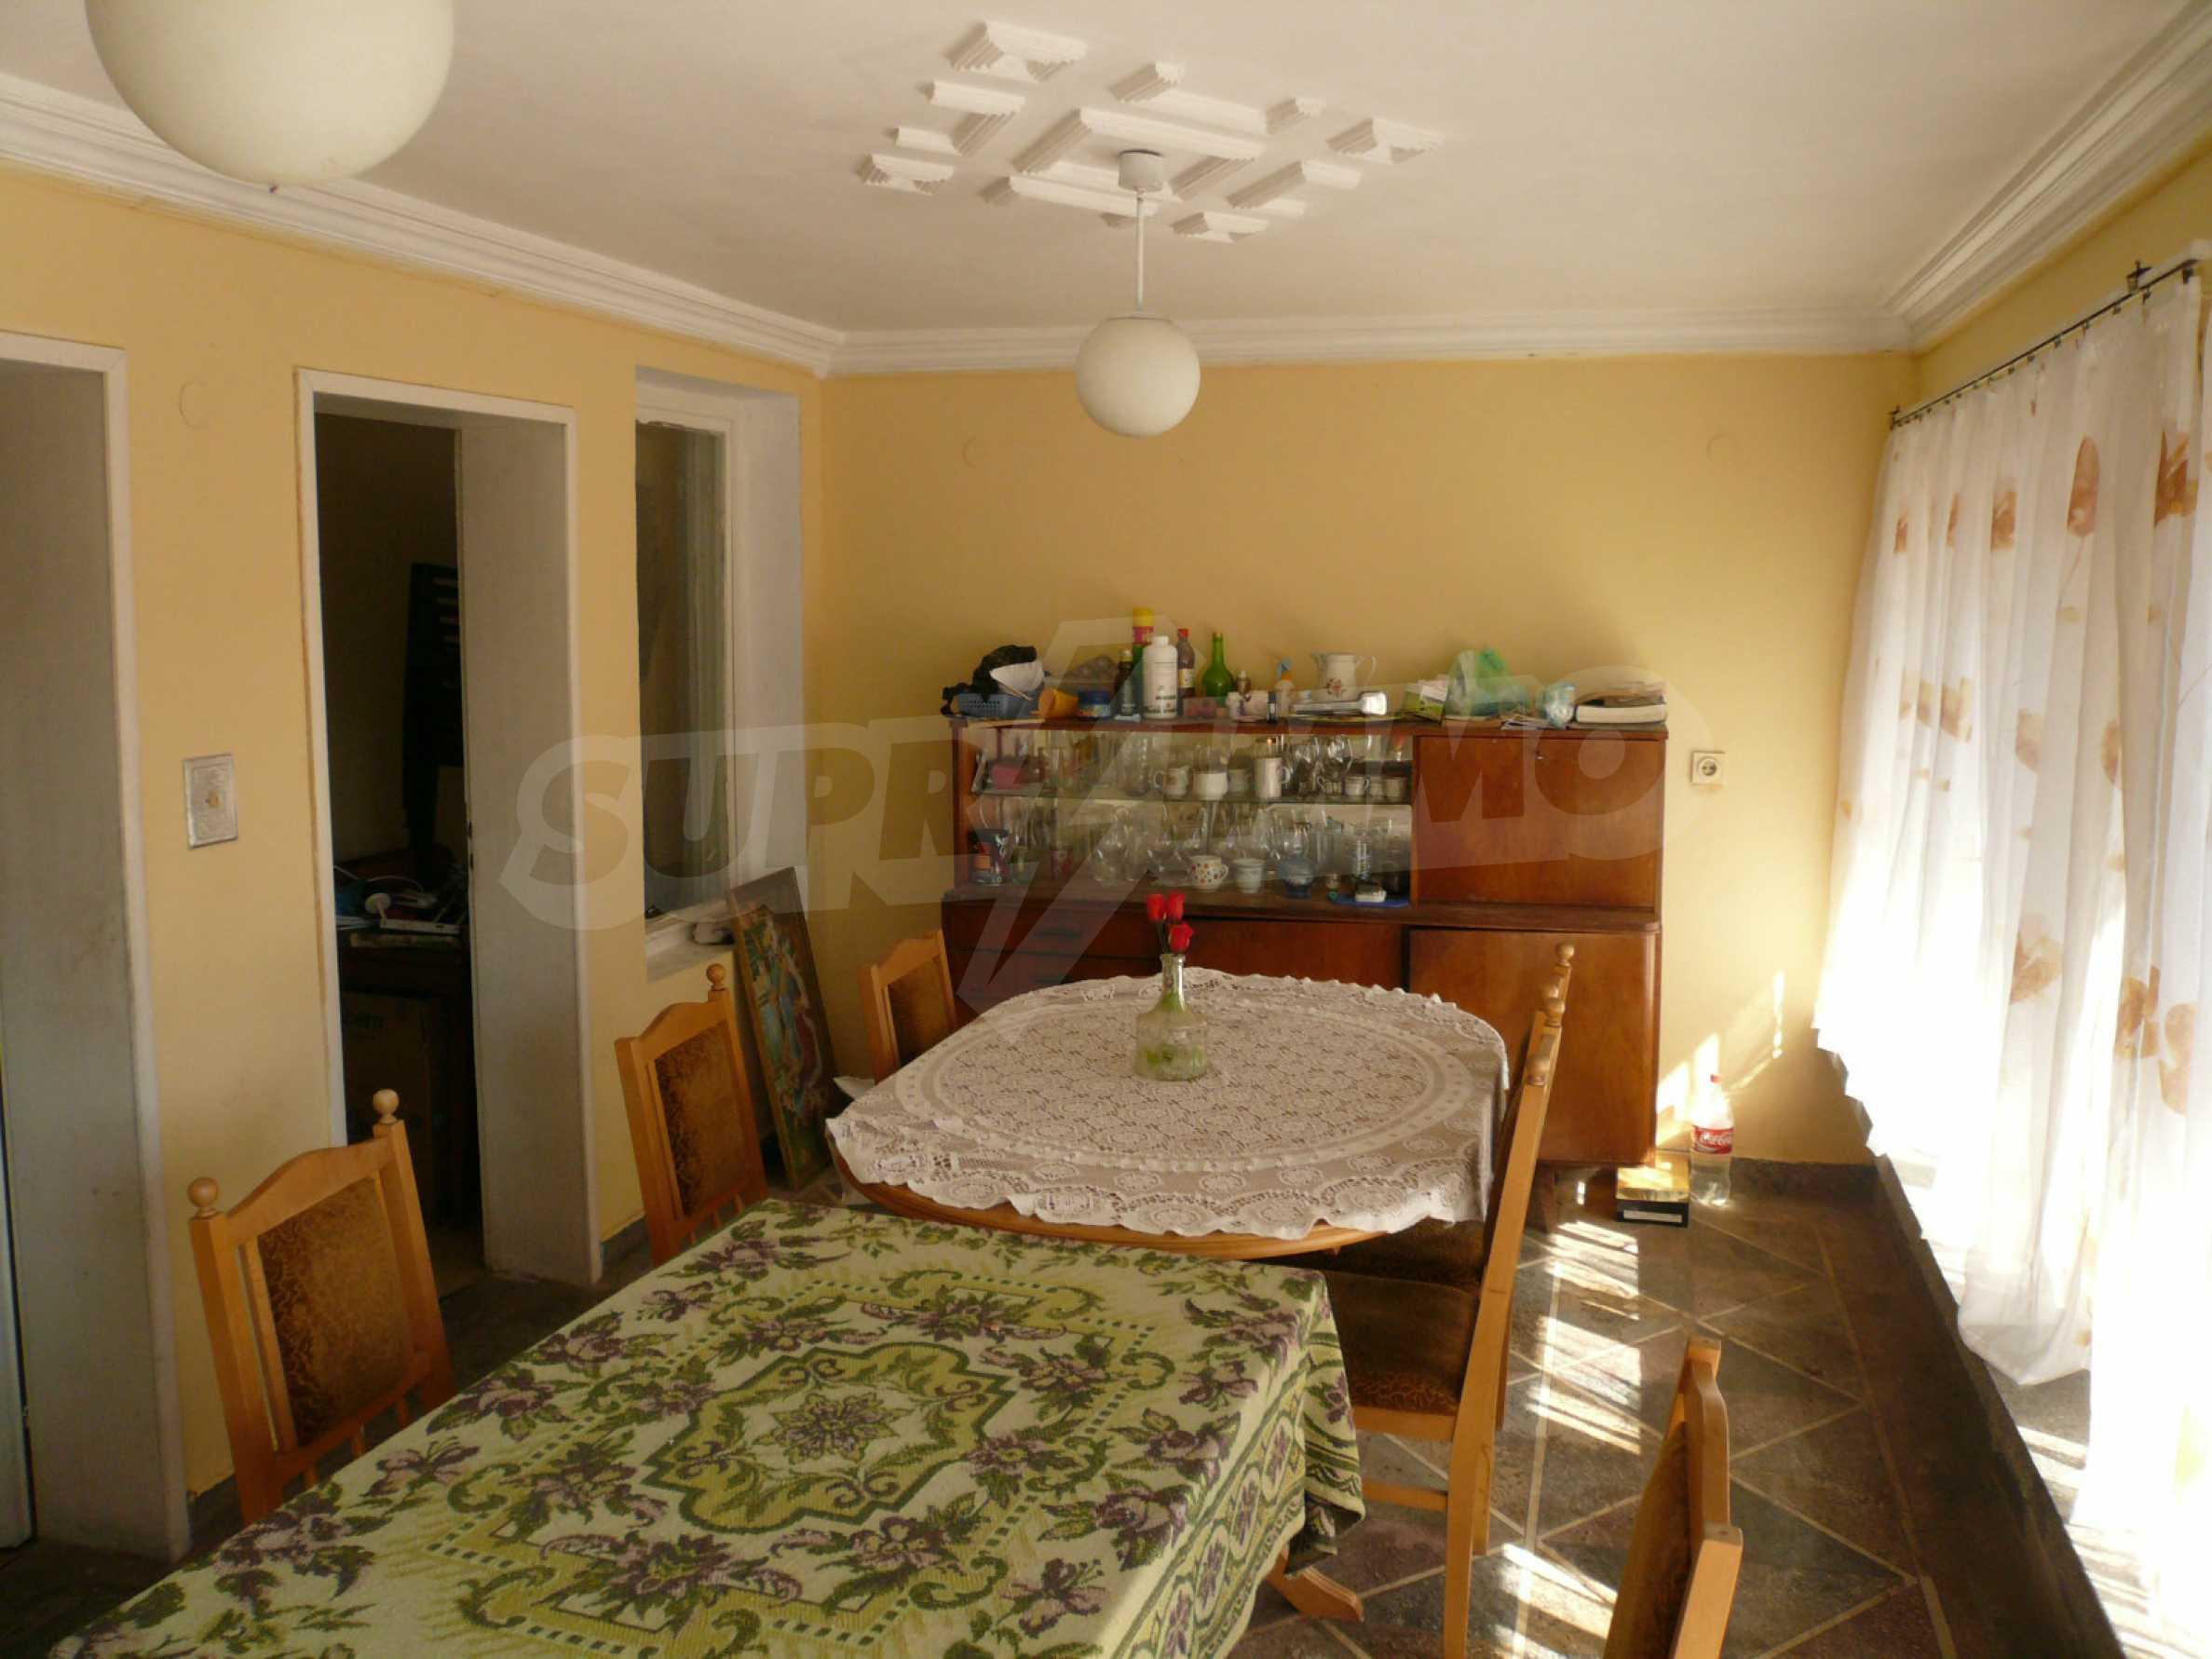 Ländliche Häuser mit einem Garten 12 km von Vidin entfernt 10